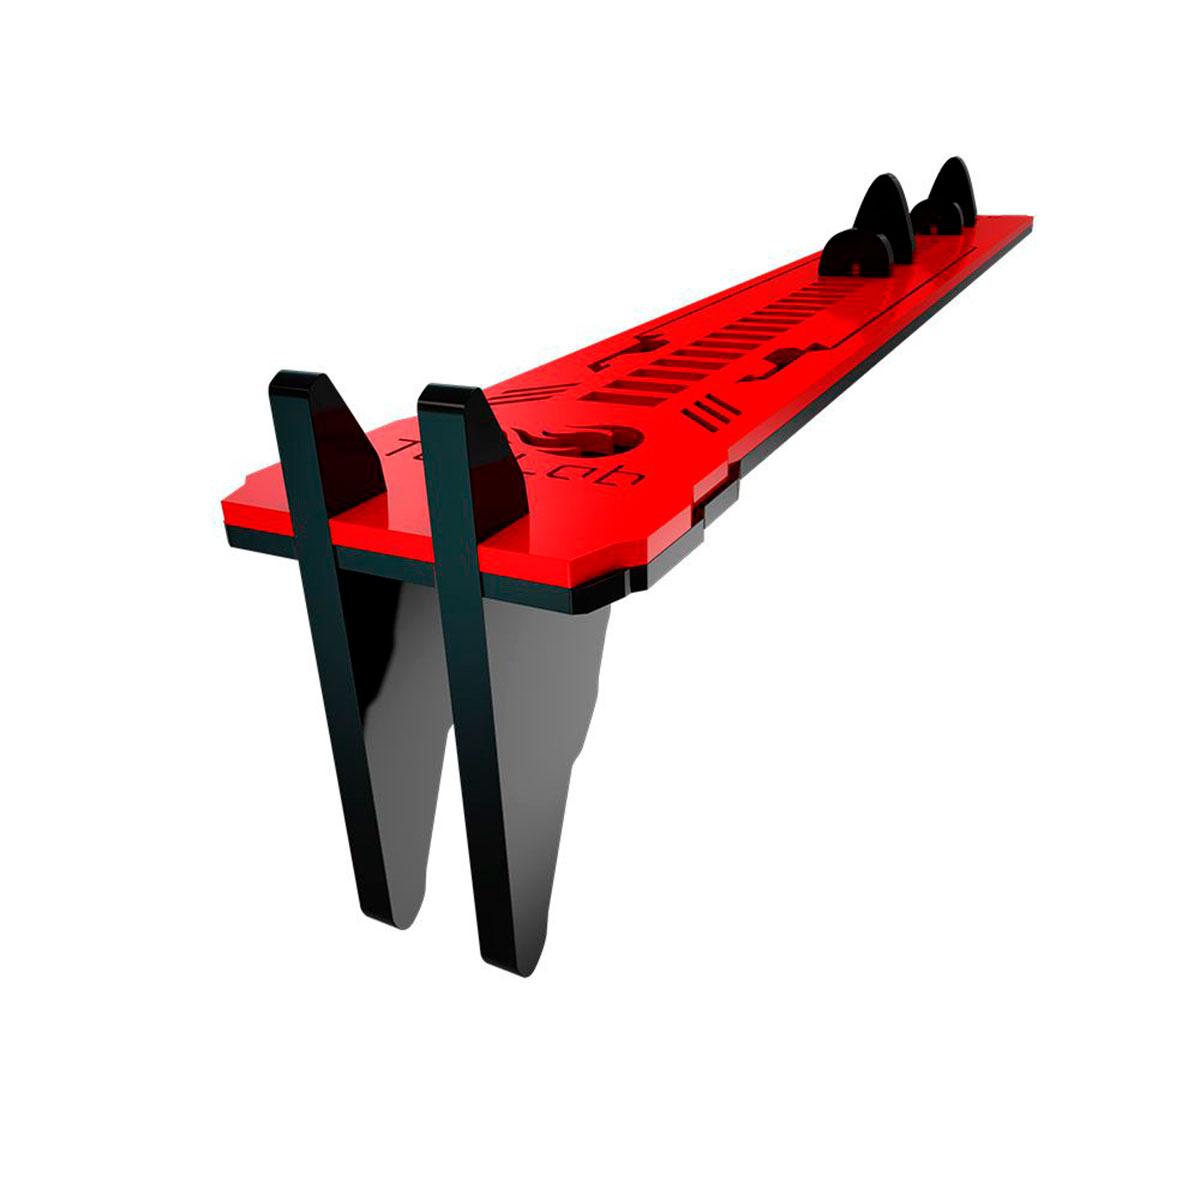 Suporte para Placa de Vídeo Rise Mode TecLab Edition Preto e Vermelho - RM-SV-05-BR